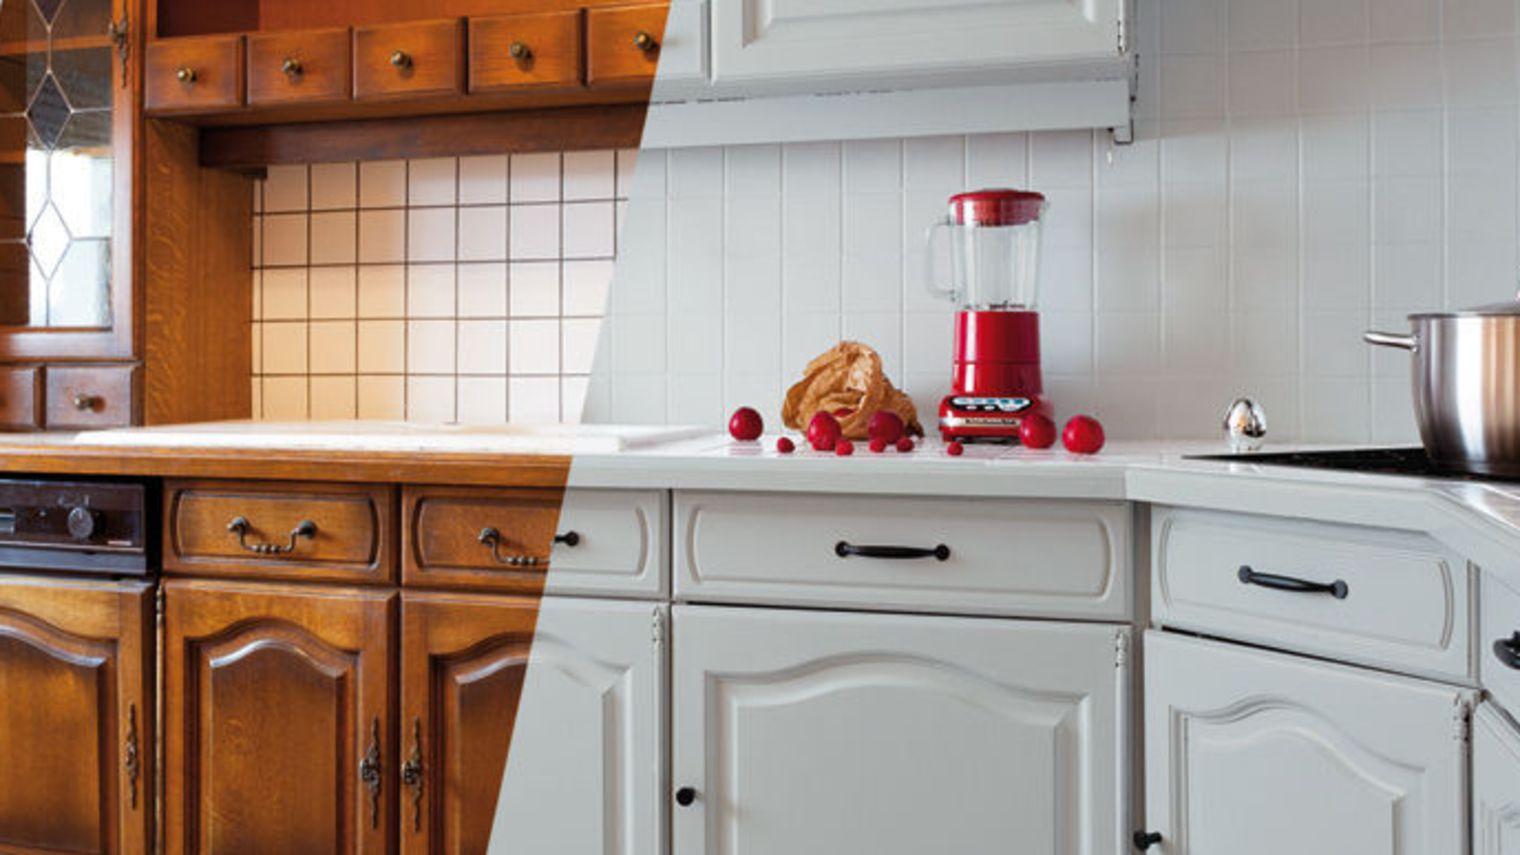 Couleur Peinture Carrelage Sol peindre une cuisine : comment faire et quelle couleur